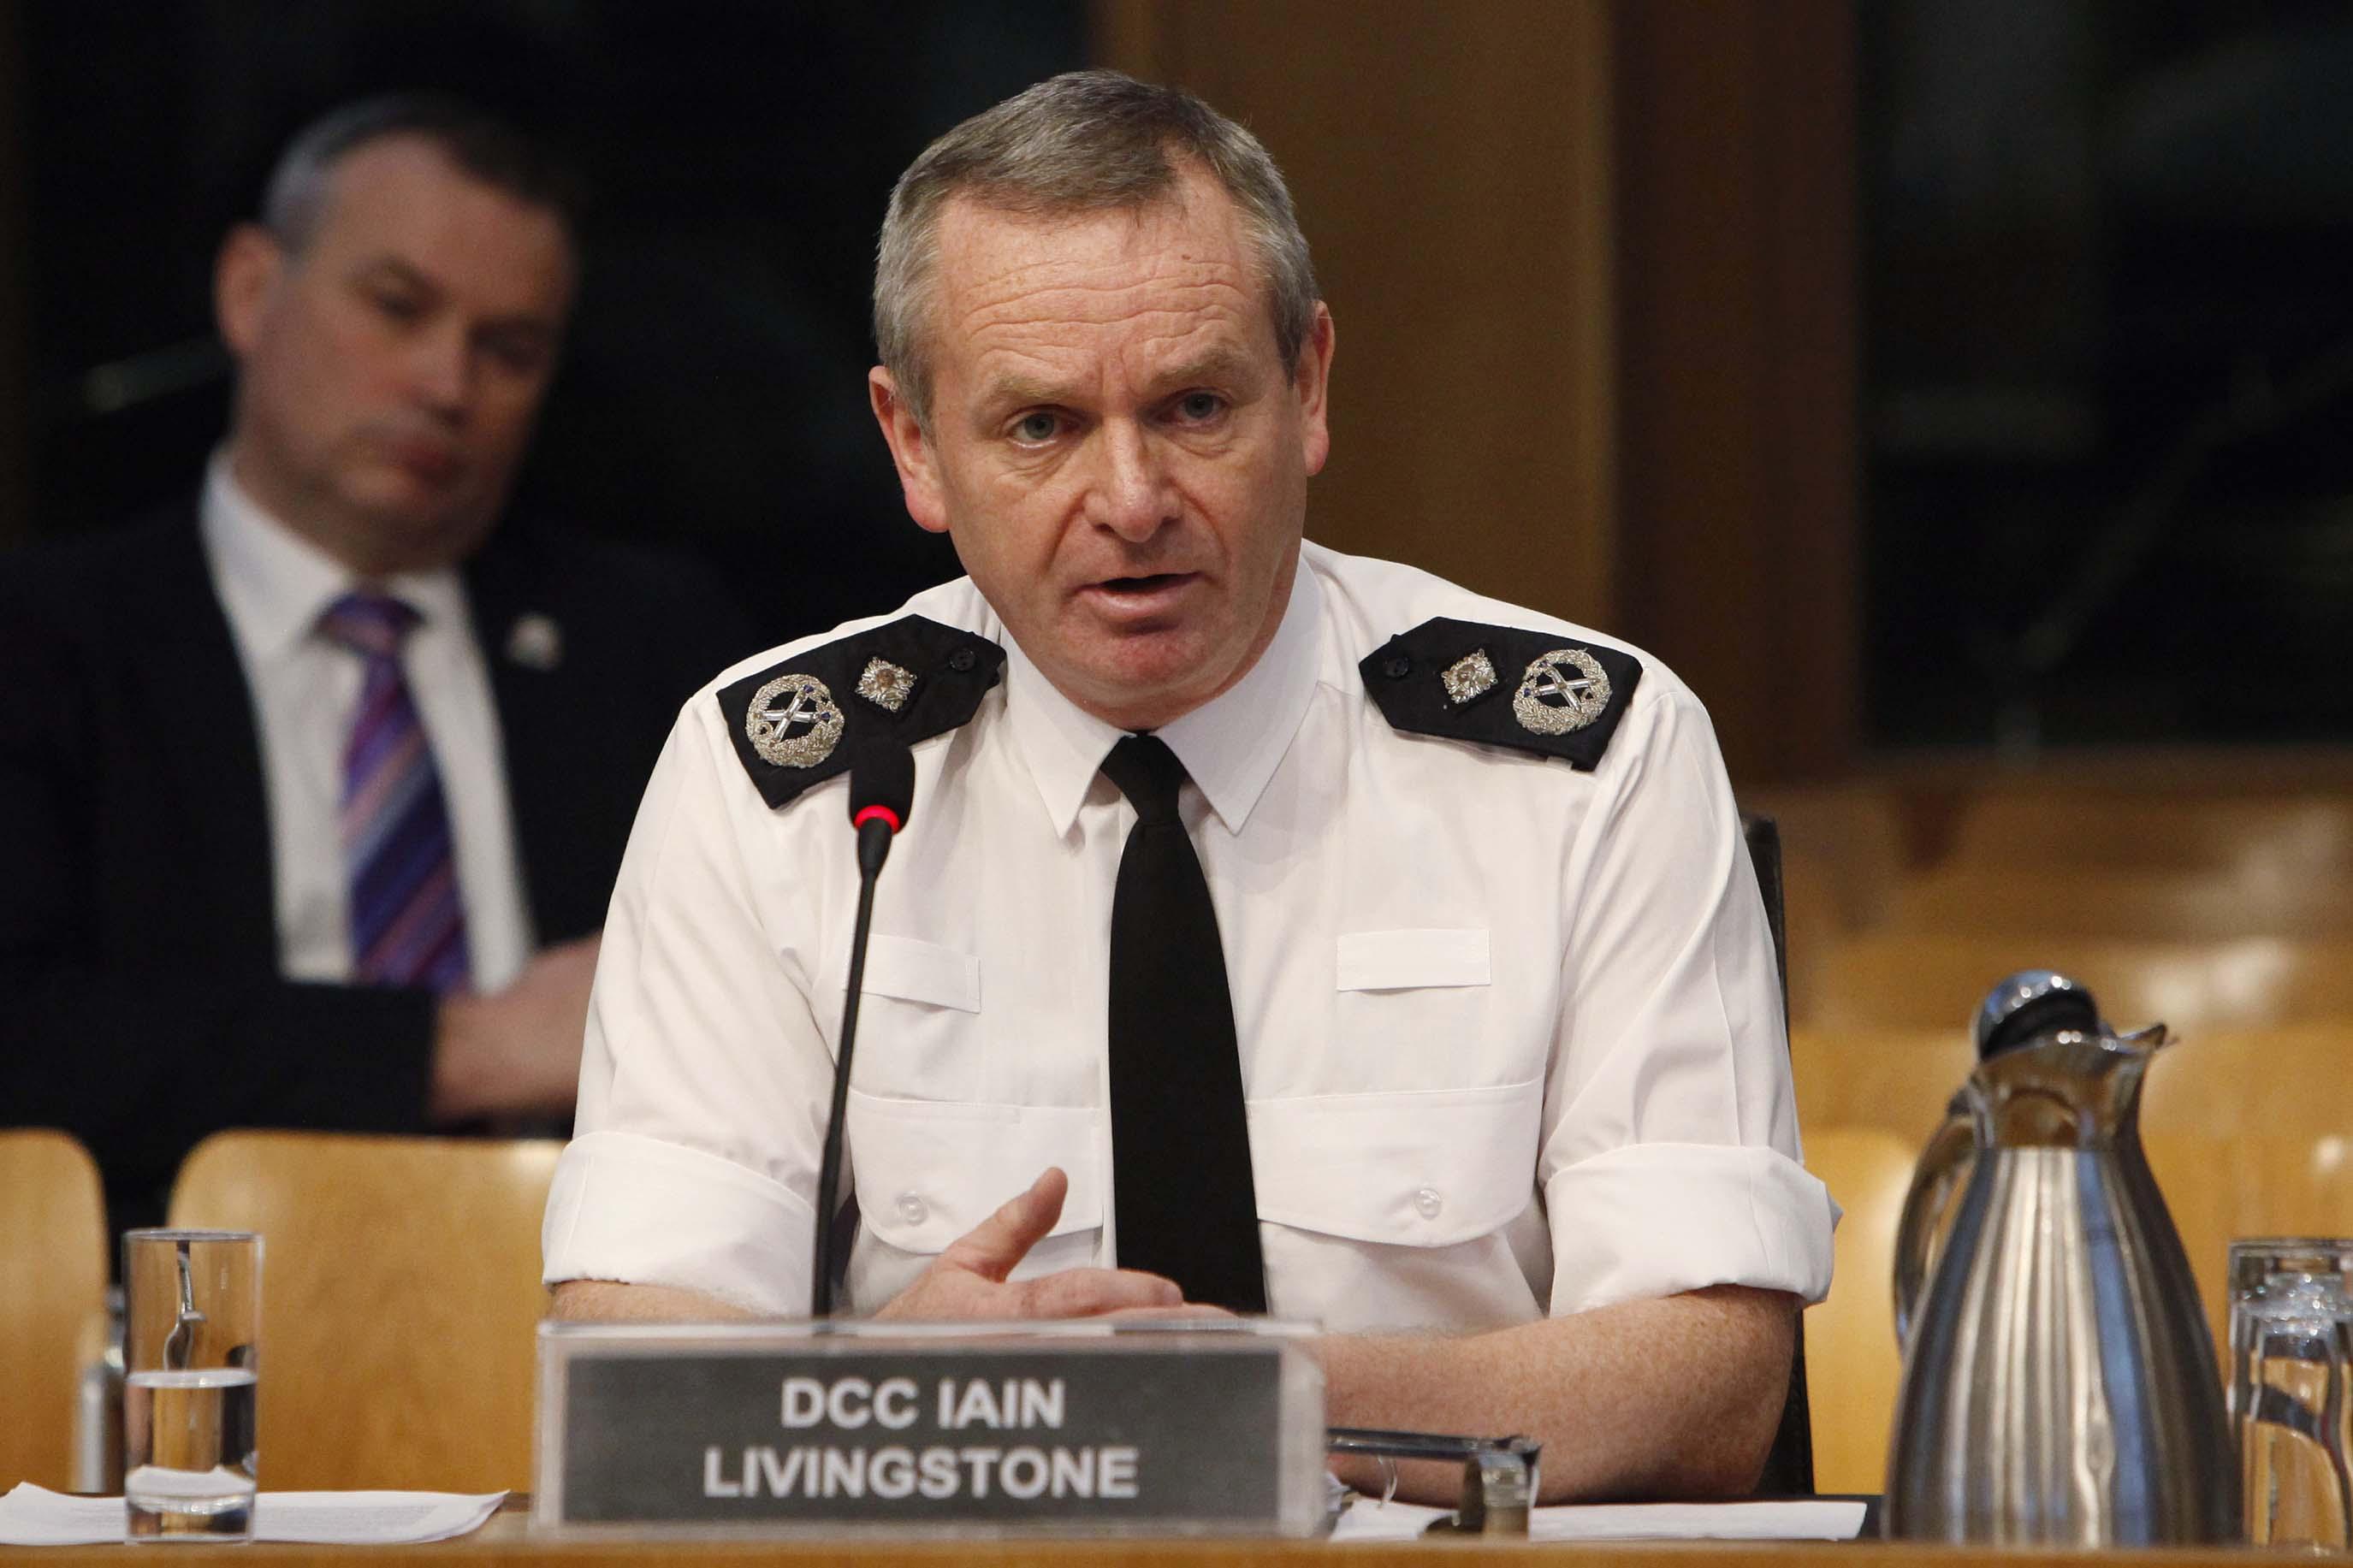 Le nombre d'officiers de police en Écosse pourrait être réduit après 2020 - Euro 2020